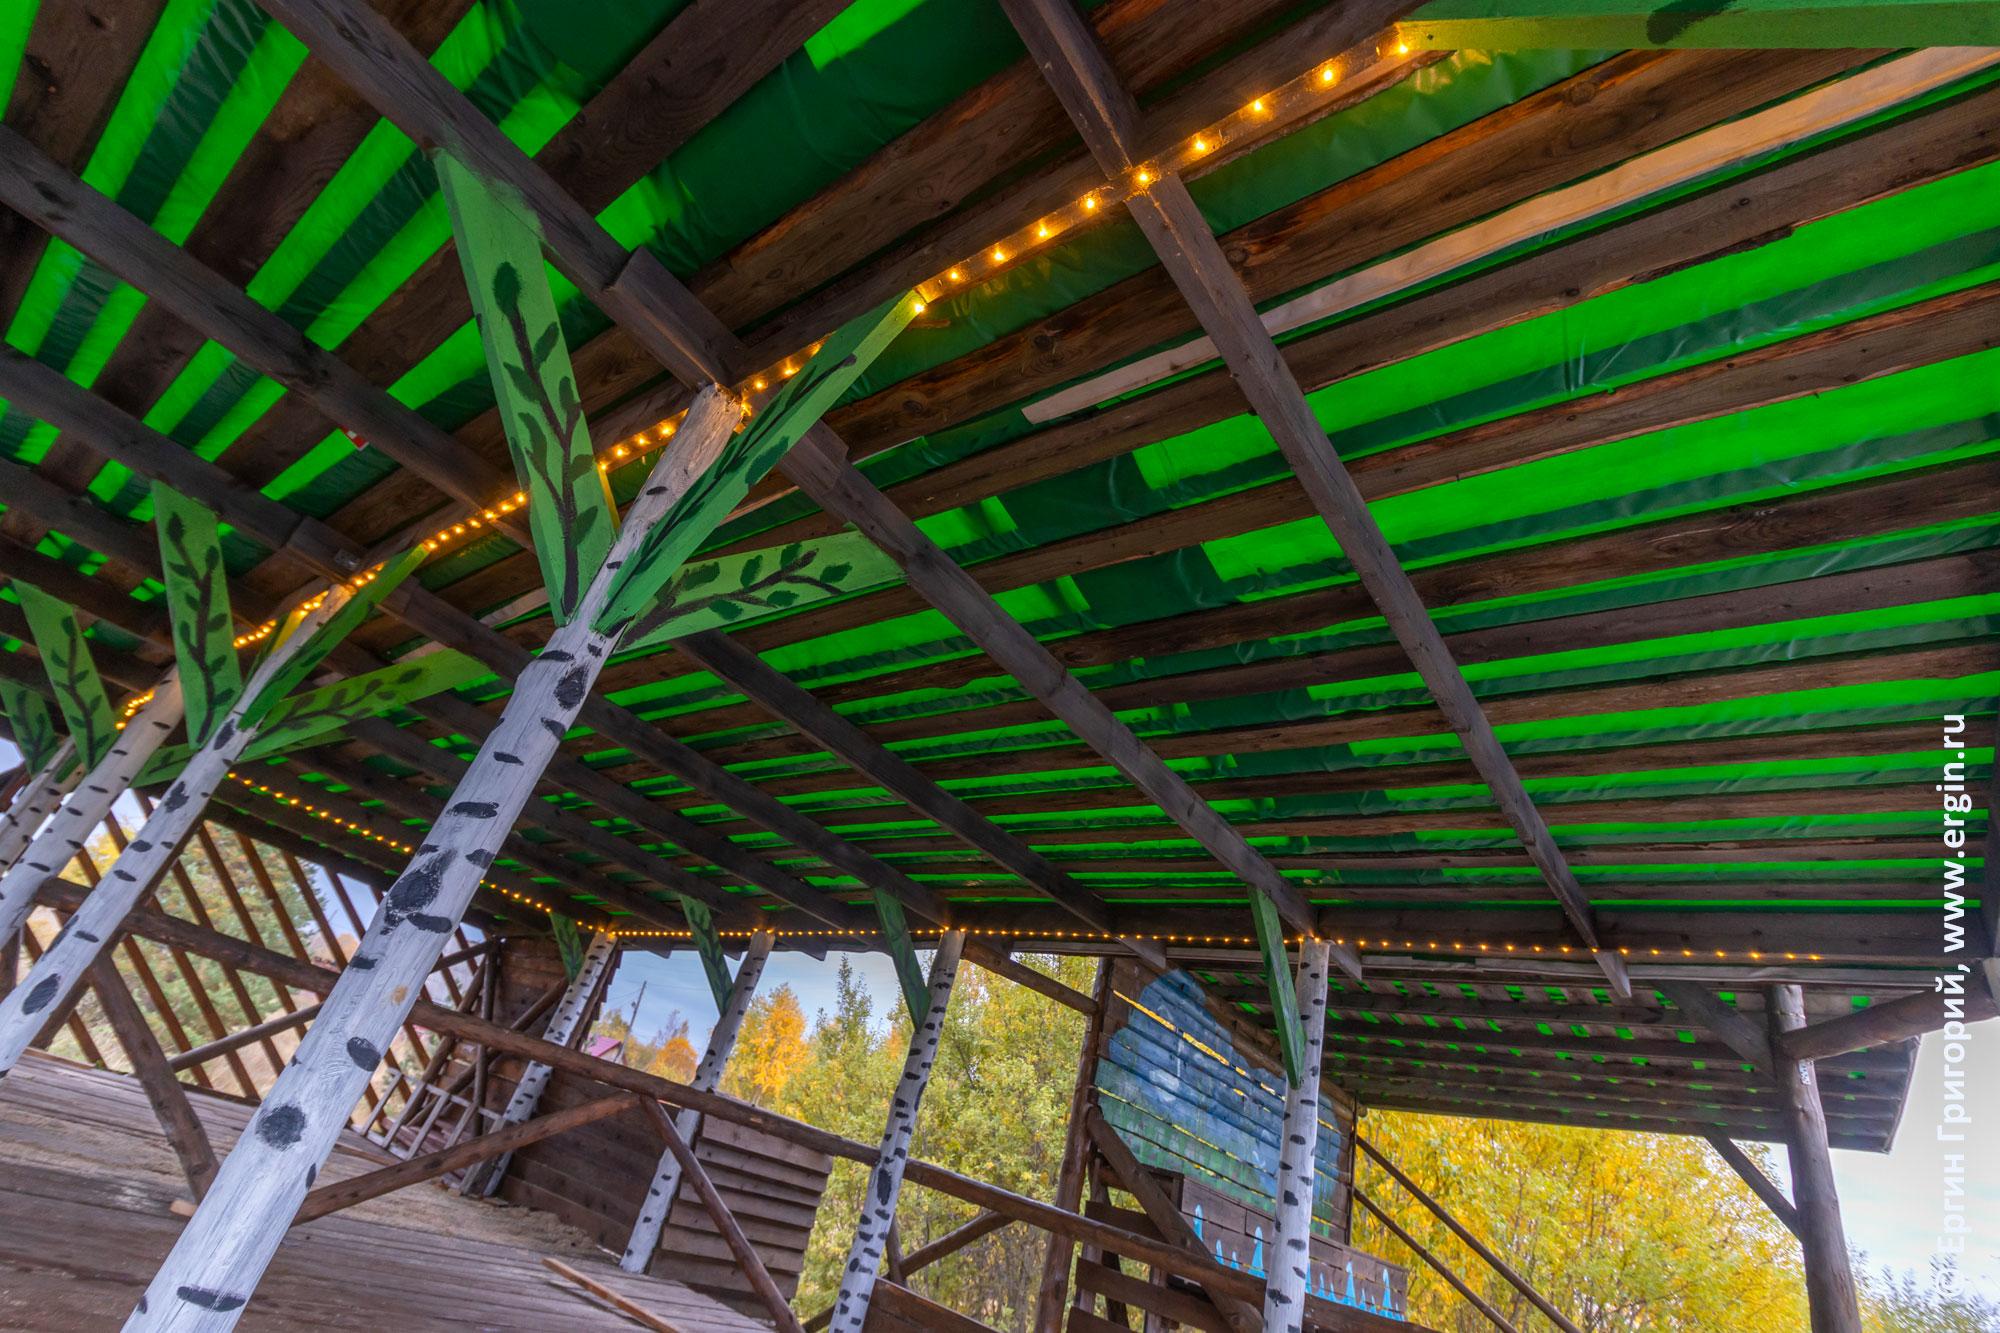 Гирлянда и зеленая крыша судейской в Тивдии